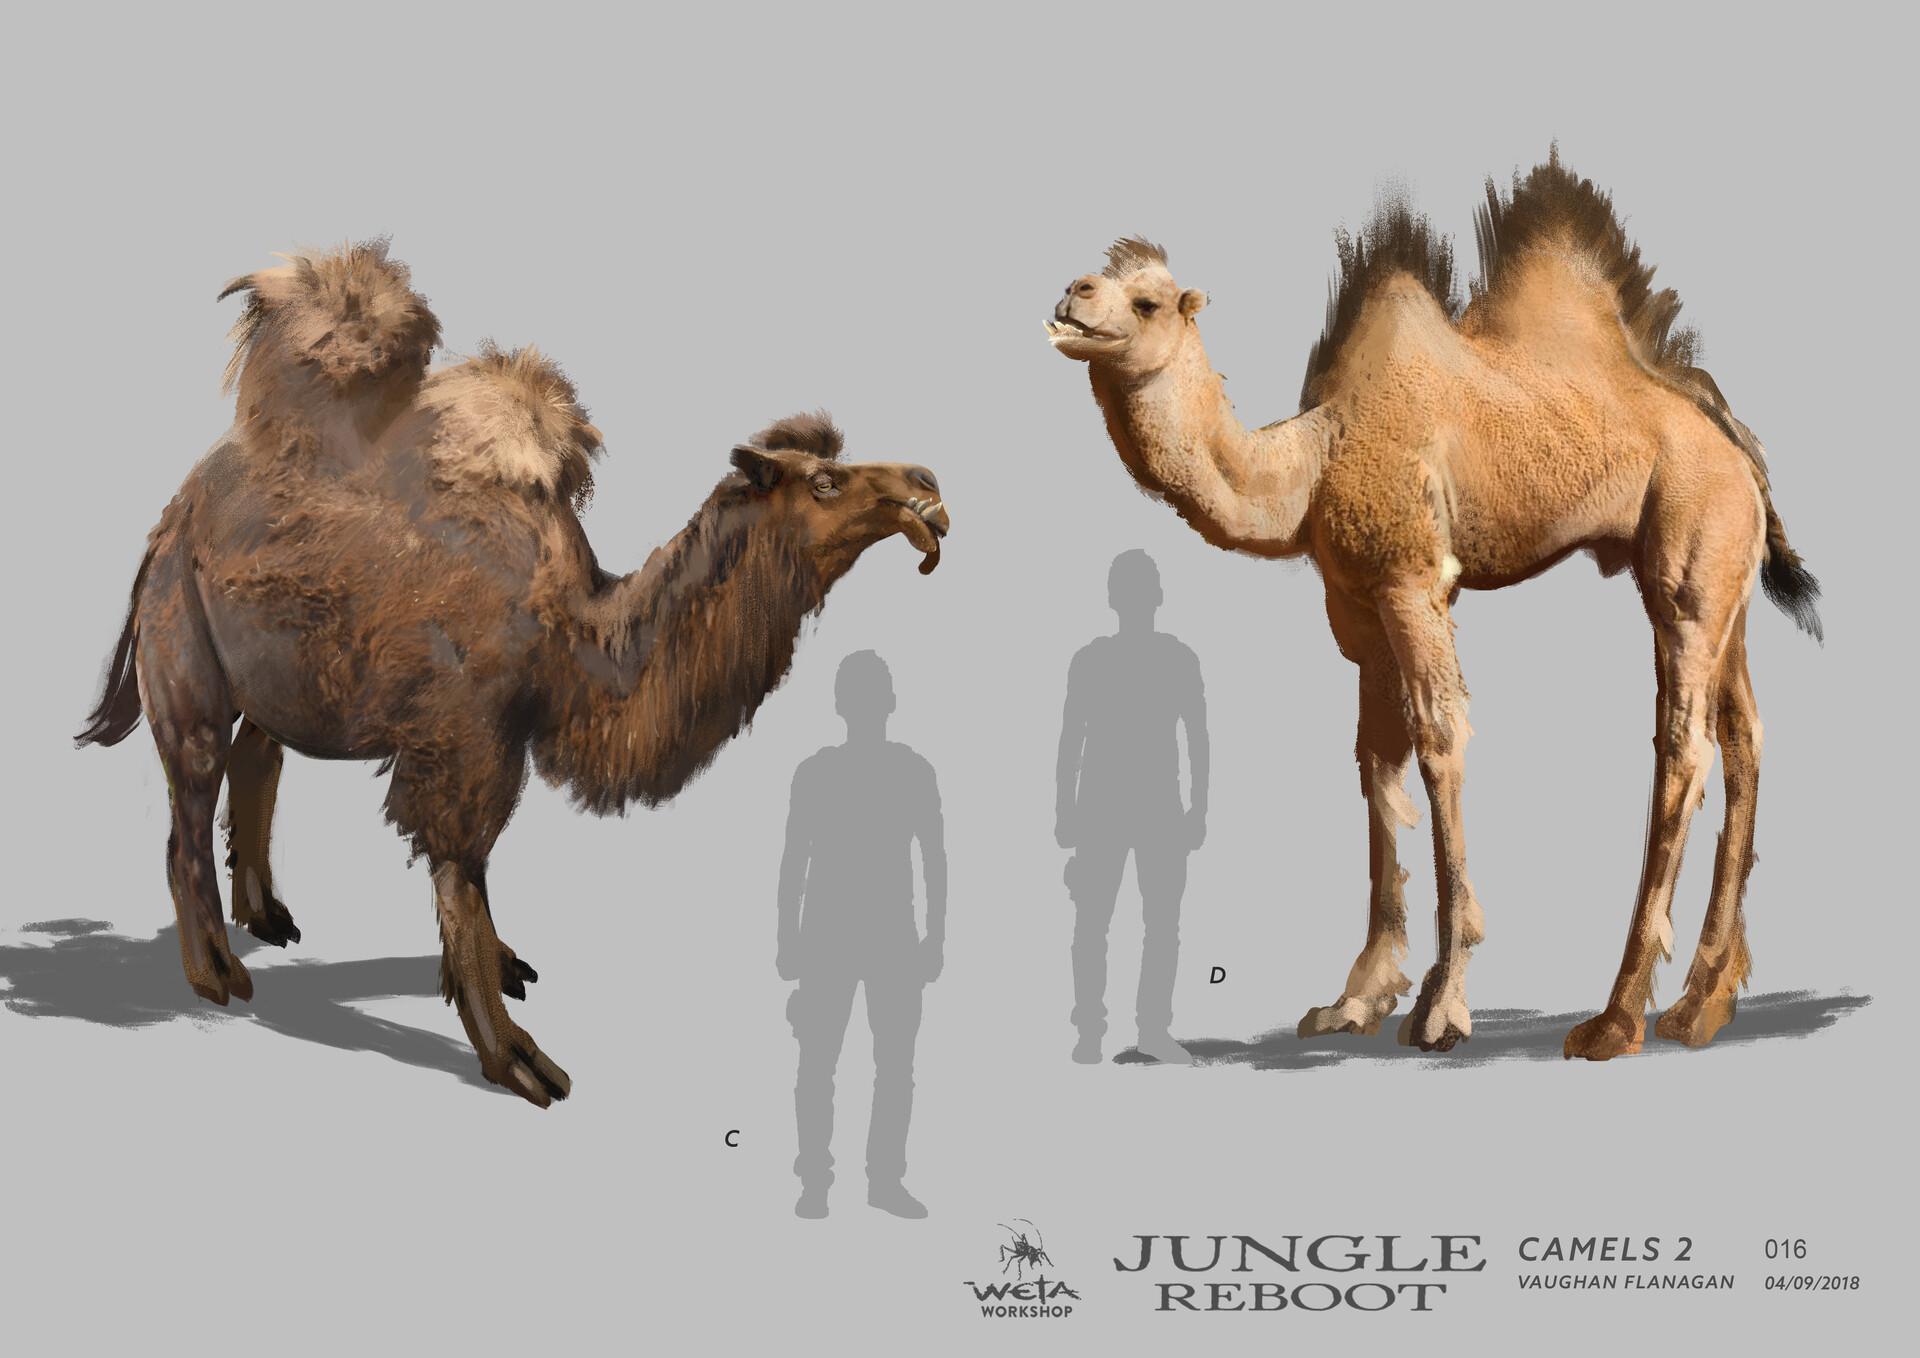 Weta workshop design studio 016 jr camels 2 vf